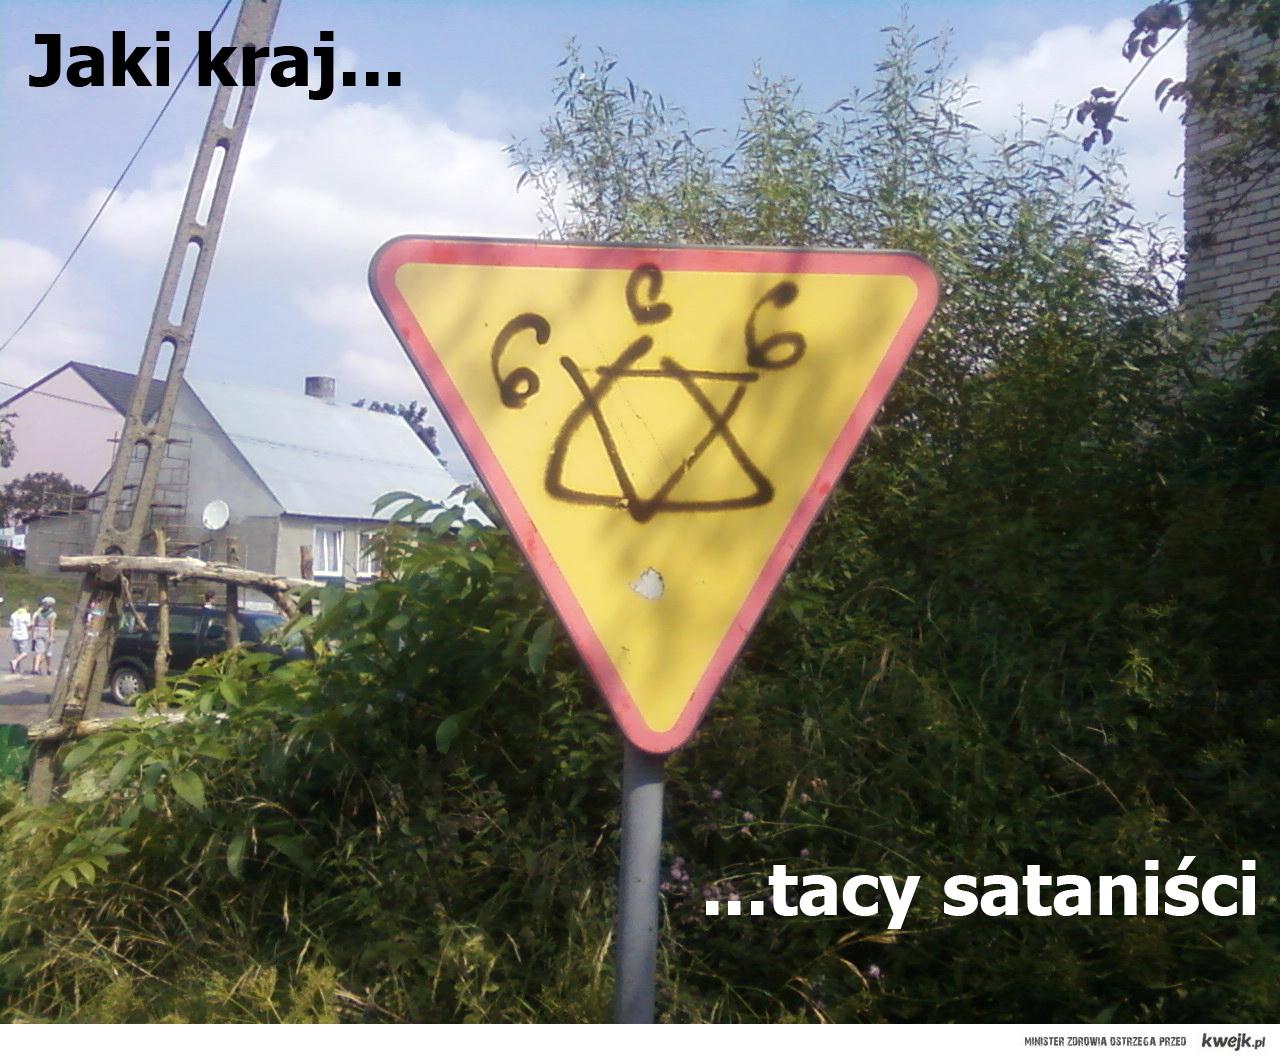 Jaki kraj, tacy sataniści